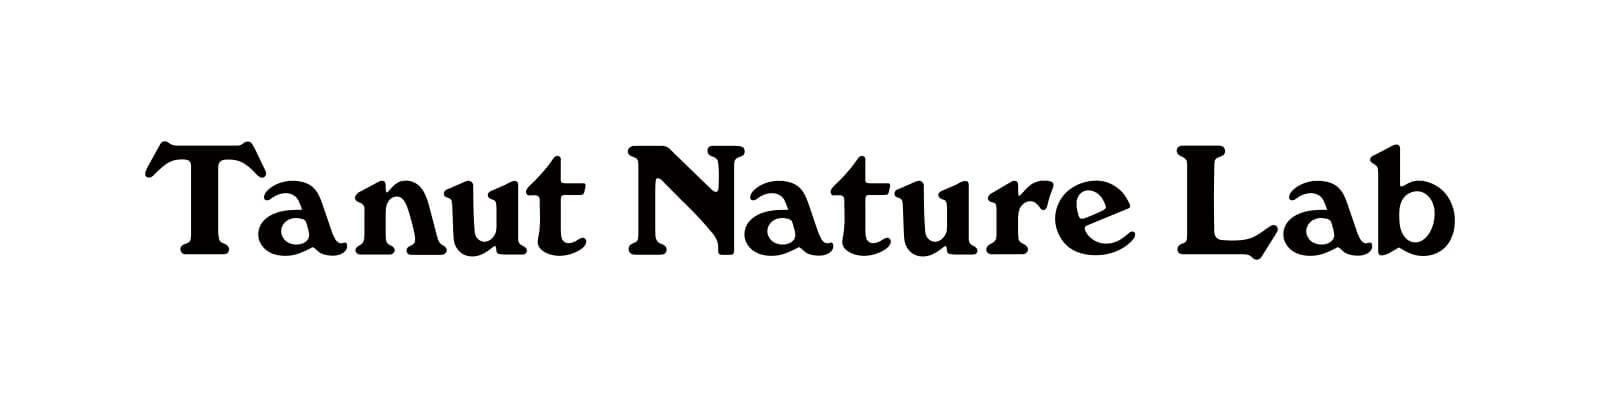 Tanut Nature Lab LOGO TYPE